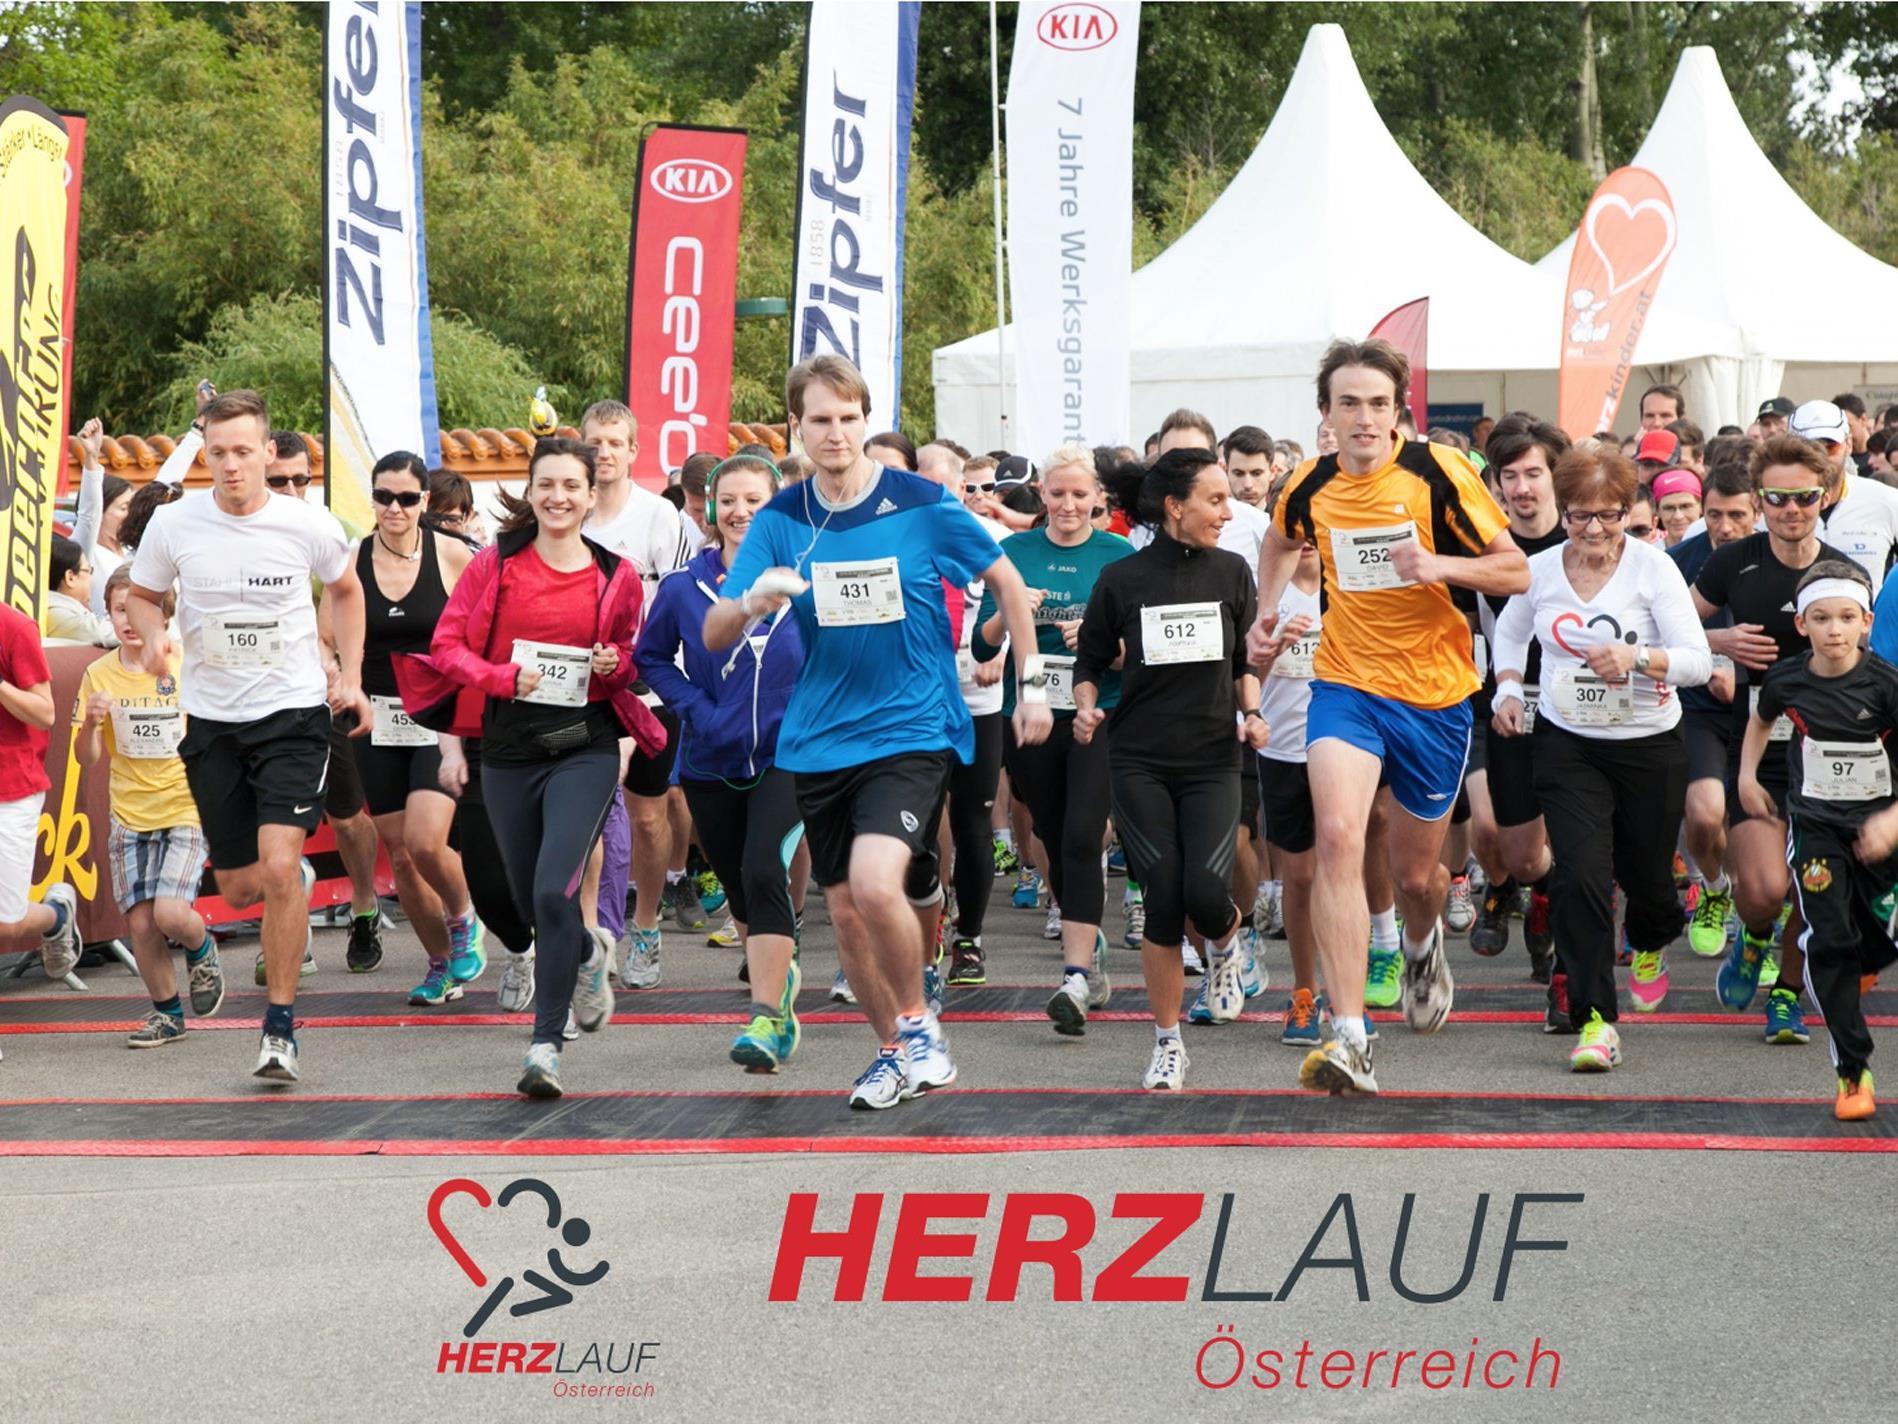 Der Startschuss für den Hauptlauf des Herzlaufs in Wien fällt am 4. Mai um 18.30 Uhr im Donaupark.